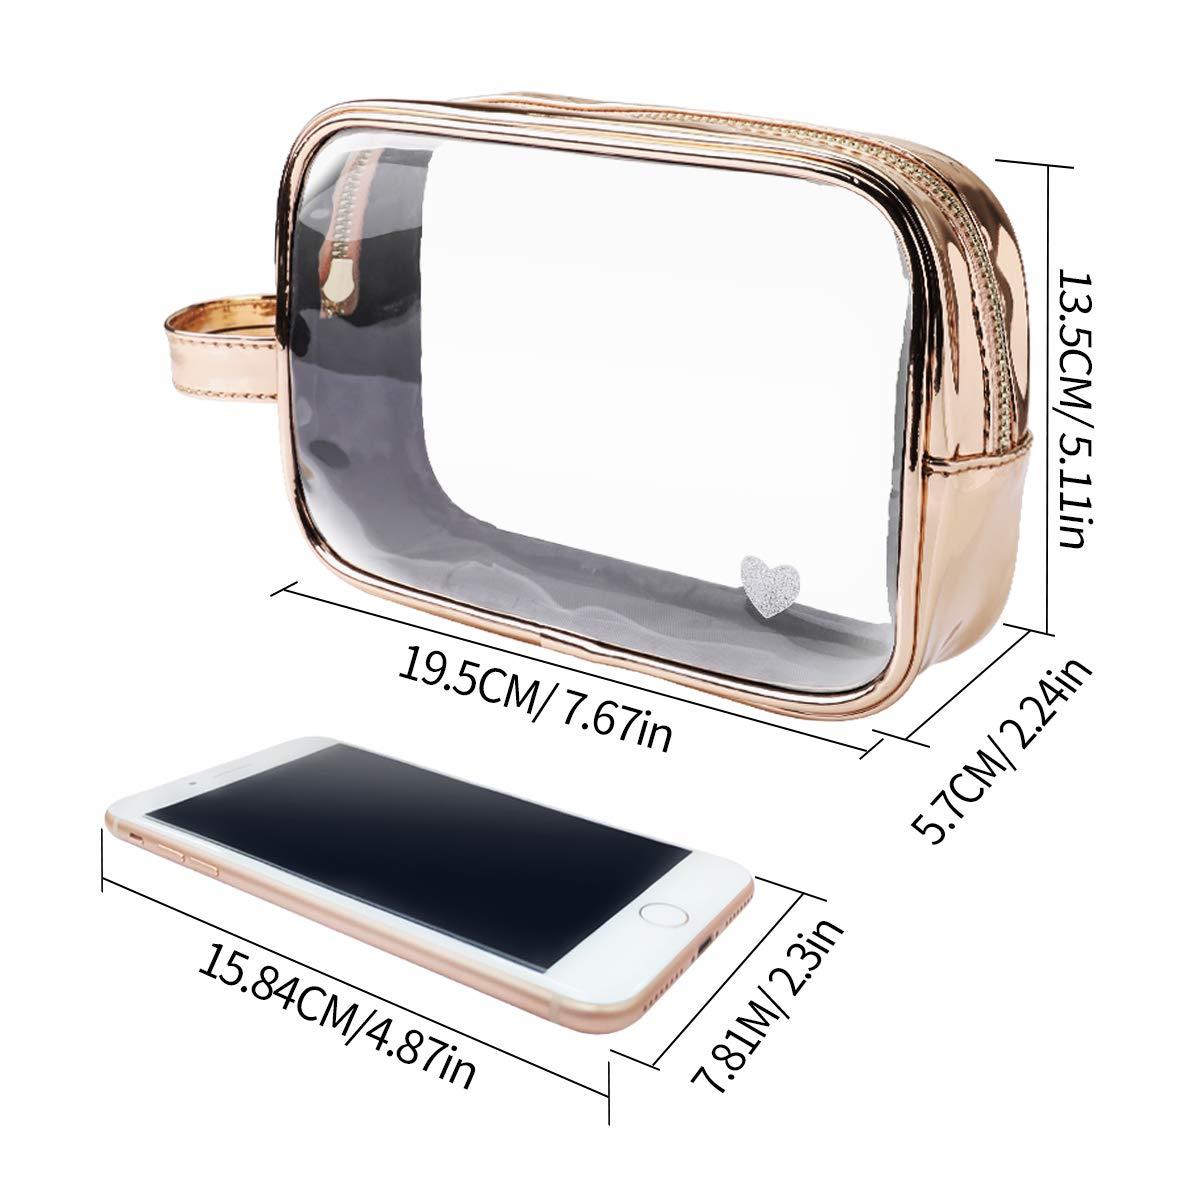 Transparente Kulturtaschen mit 7 Behältern, Kosmetiktasche transparent Kulturtasche für Flüssigkeiten | Reiseset Handgepäck für Flugzeug Reise Flaschen Handgepäck Beutel für Damen und Herren